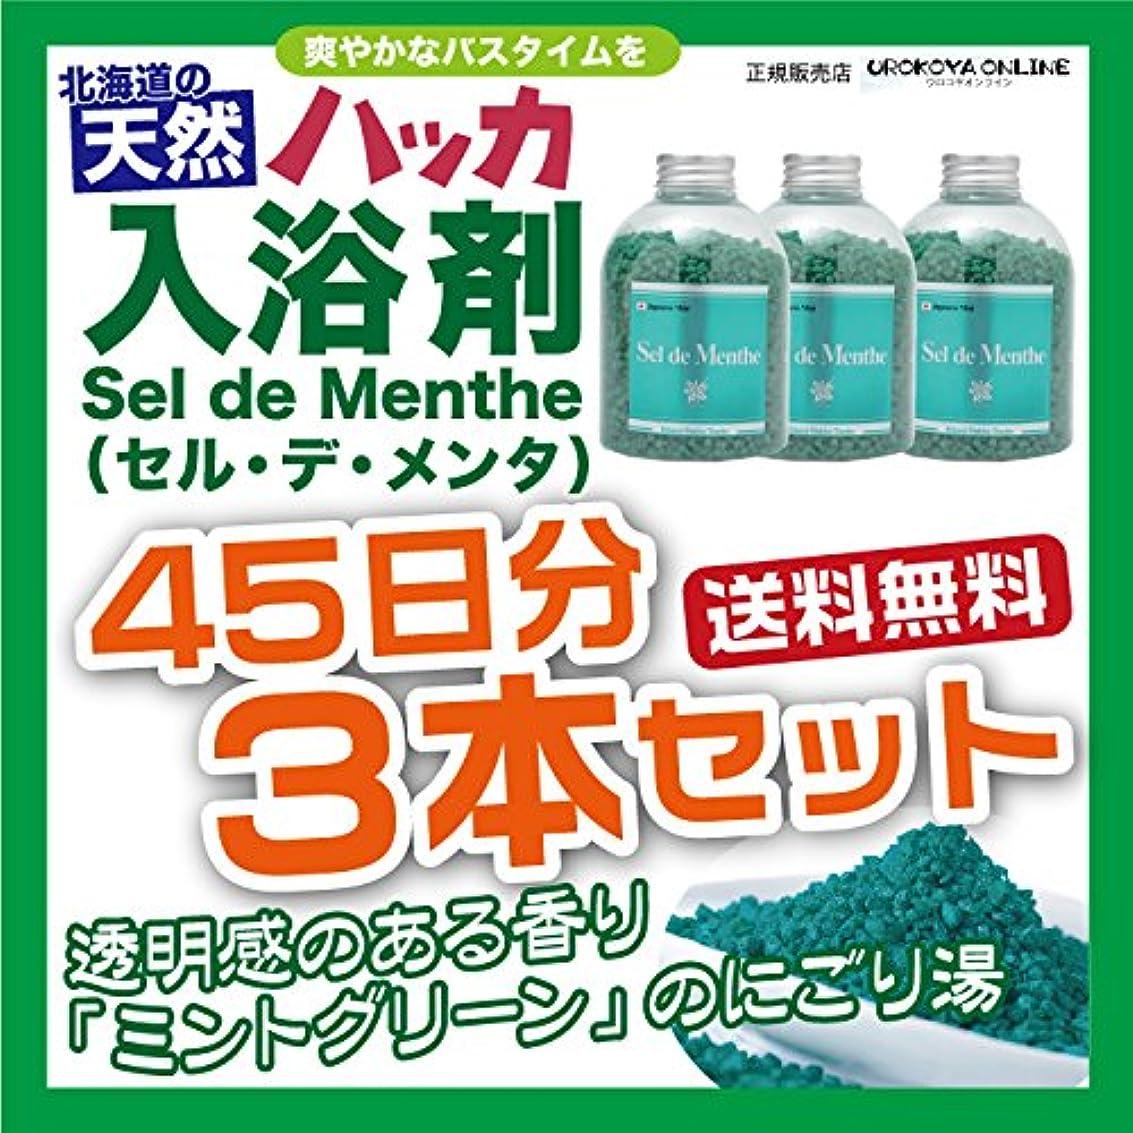 担保下線添加【3本セット】北見ハッカ通商 入浴剤Sel de Menthe(セル?デ?メンタ)徳用ボトル 3本セット 1350g